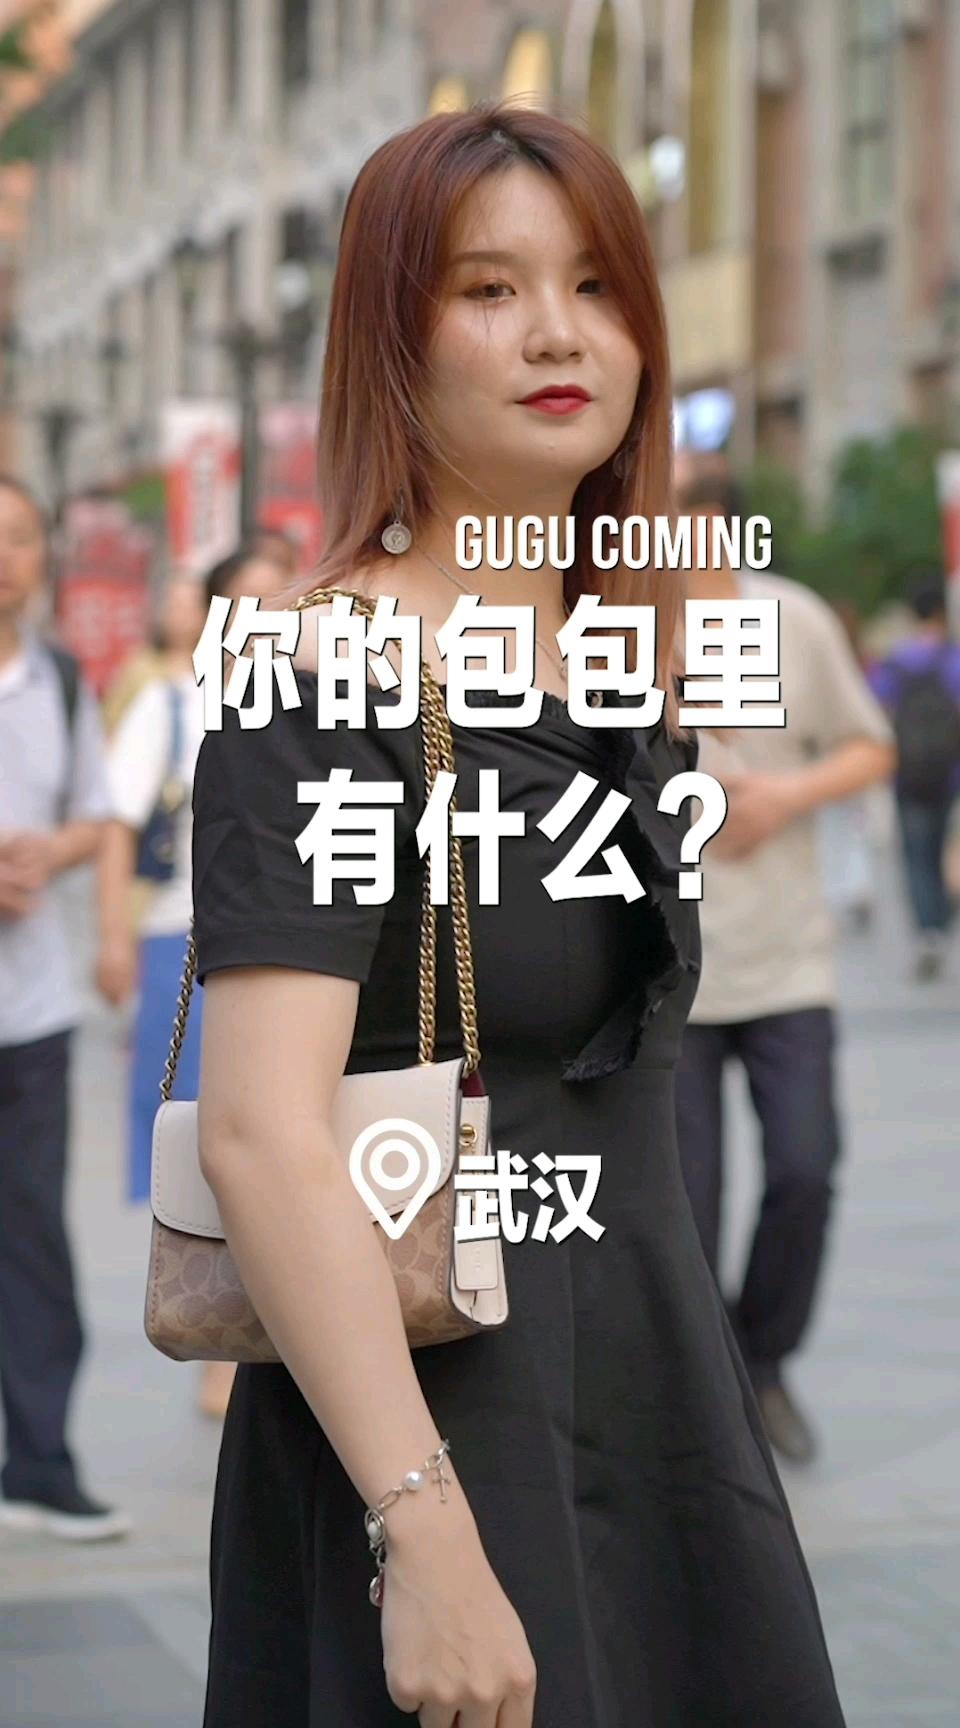 武汉直率小姐姐包包里面有什么?首先她的记忆力我必须夸一下!#武汉# 你们能记住自己包包里的东西多少钱买的吗?